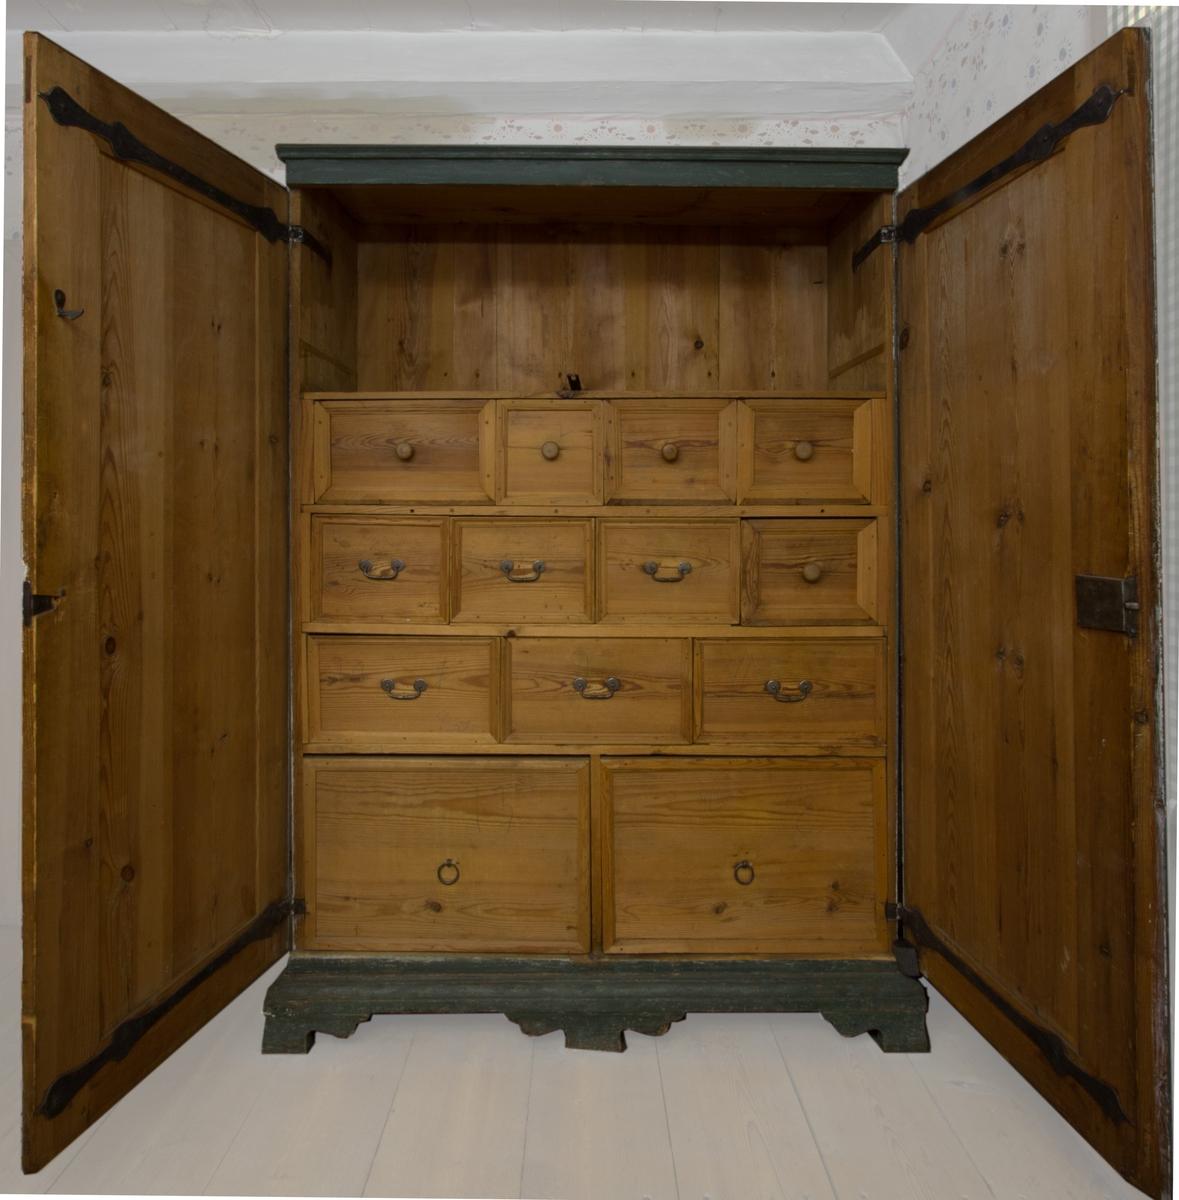 Kryddskåp, sannolikt furu. Dubbla spegeldörrar, fotställning med sniderier. Grönmålat med marmoreringar. Inuti ett flertal plan med olika stora utdragbara lådor. Handtag och ringar i järn, på några av lådorna träknoppar. Lås.